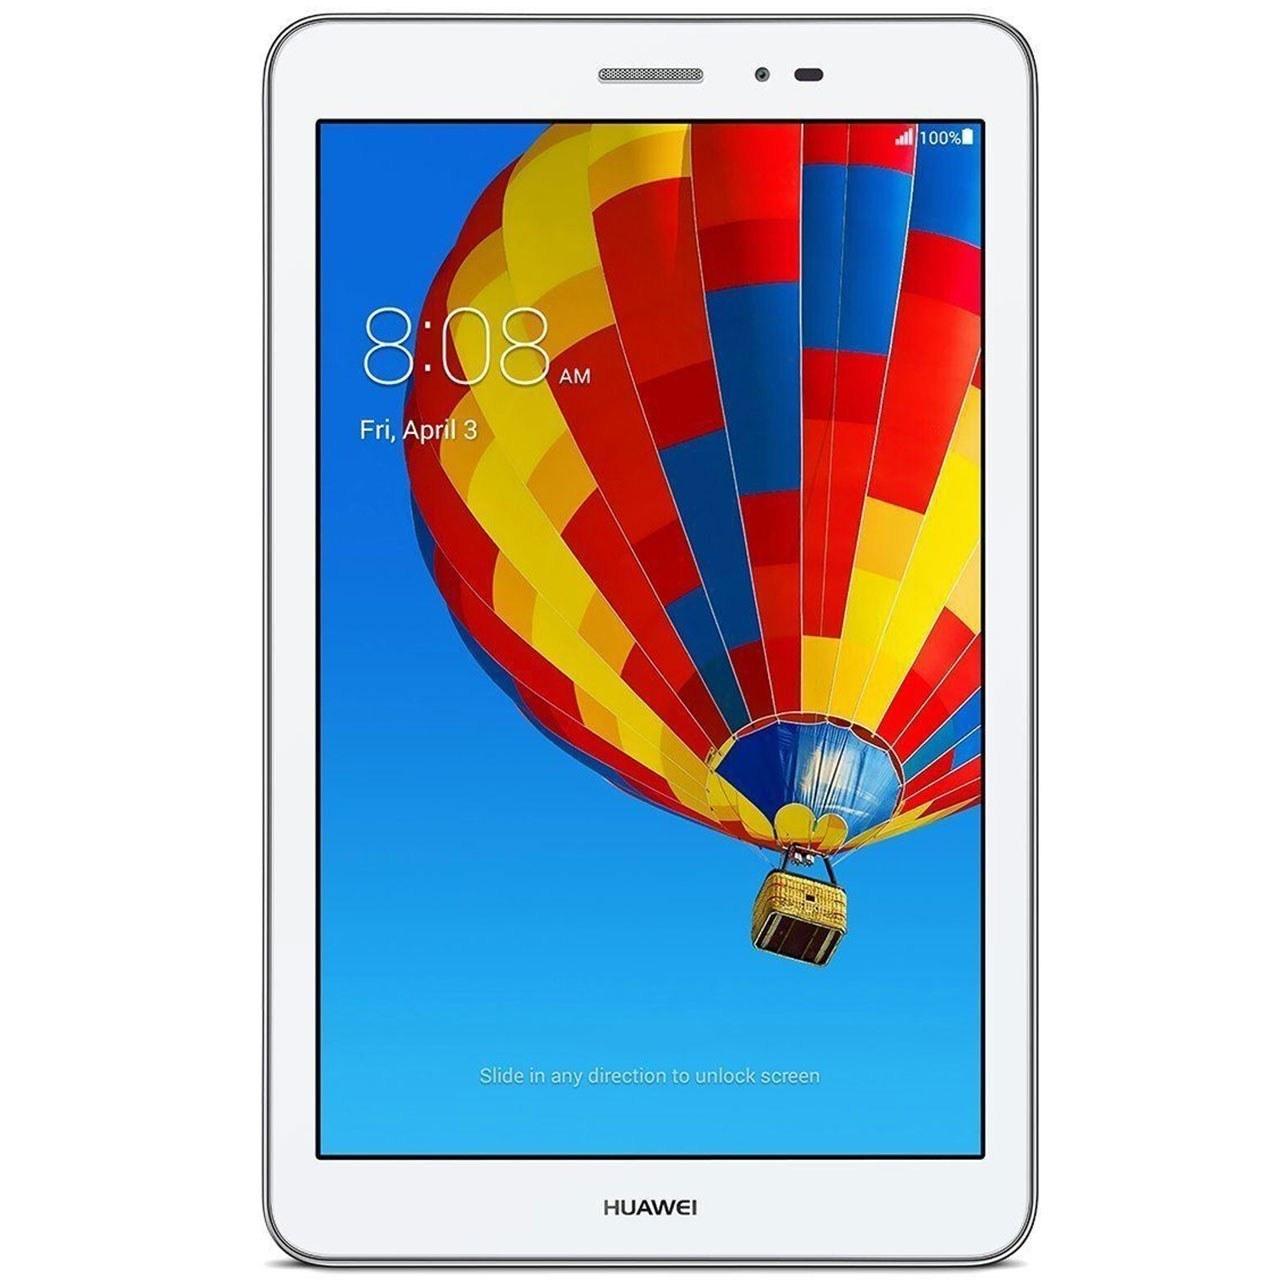 تبلت هوآوي مدياپد تي1 8.0 - 3G   Huawei MediaPad T1 8.0 - 3G